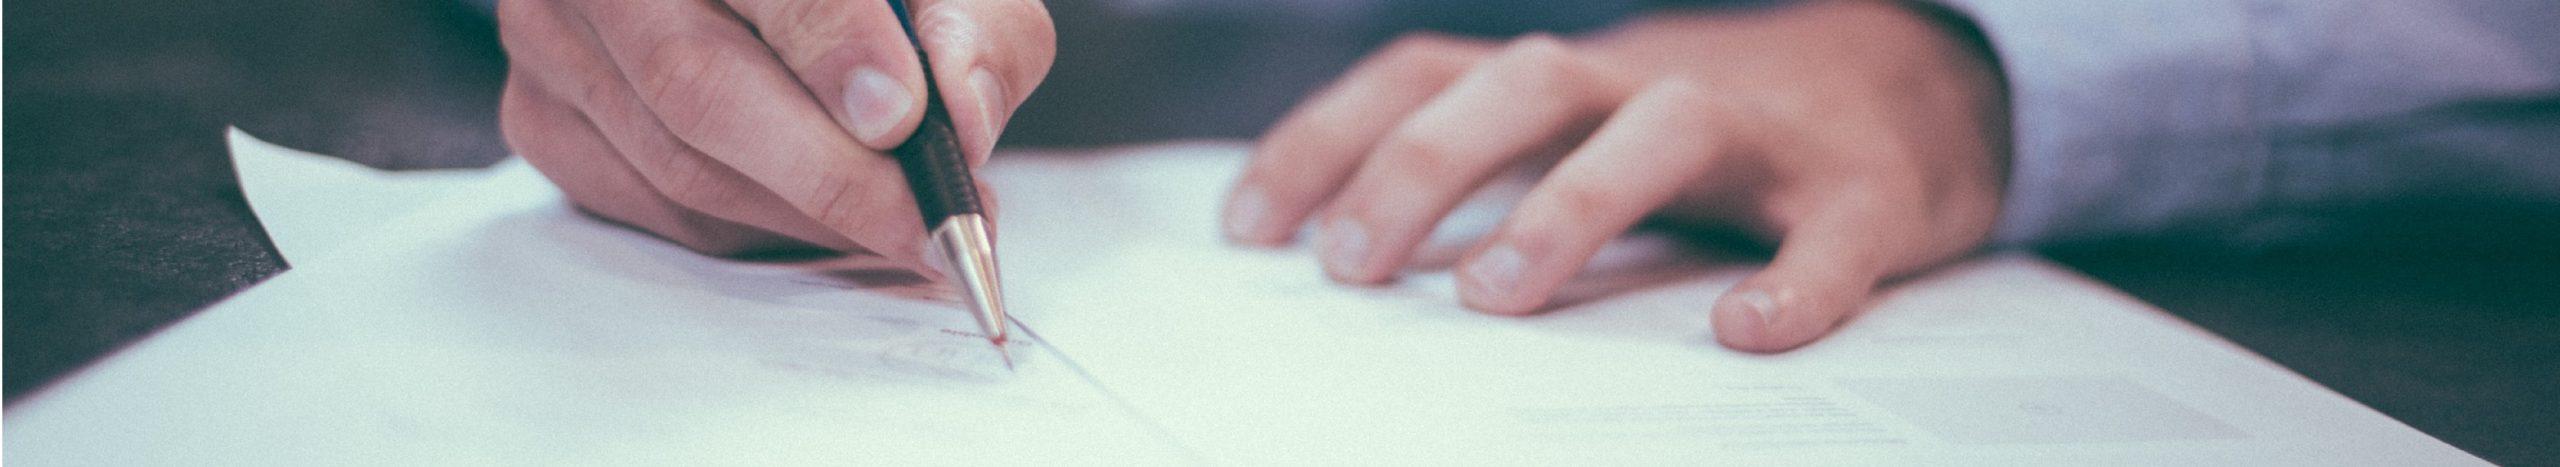 Modification du cadre juridique actuel